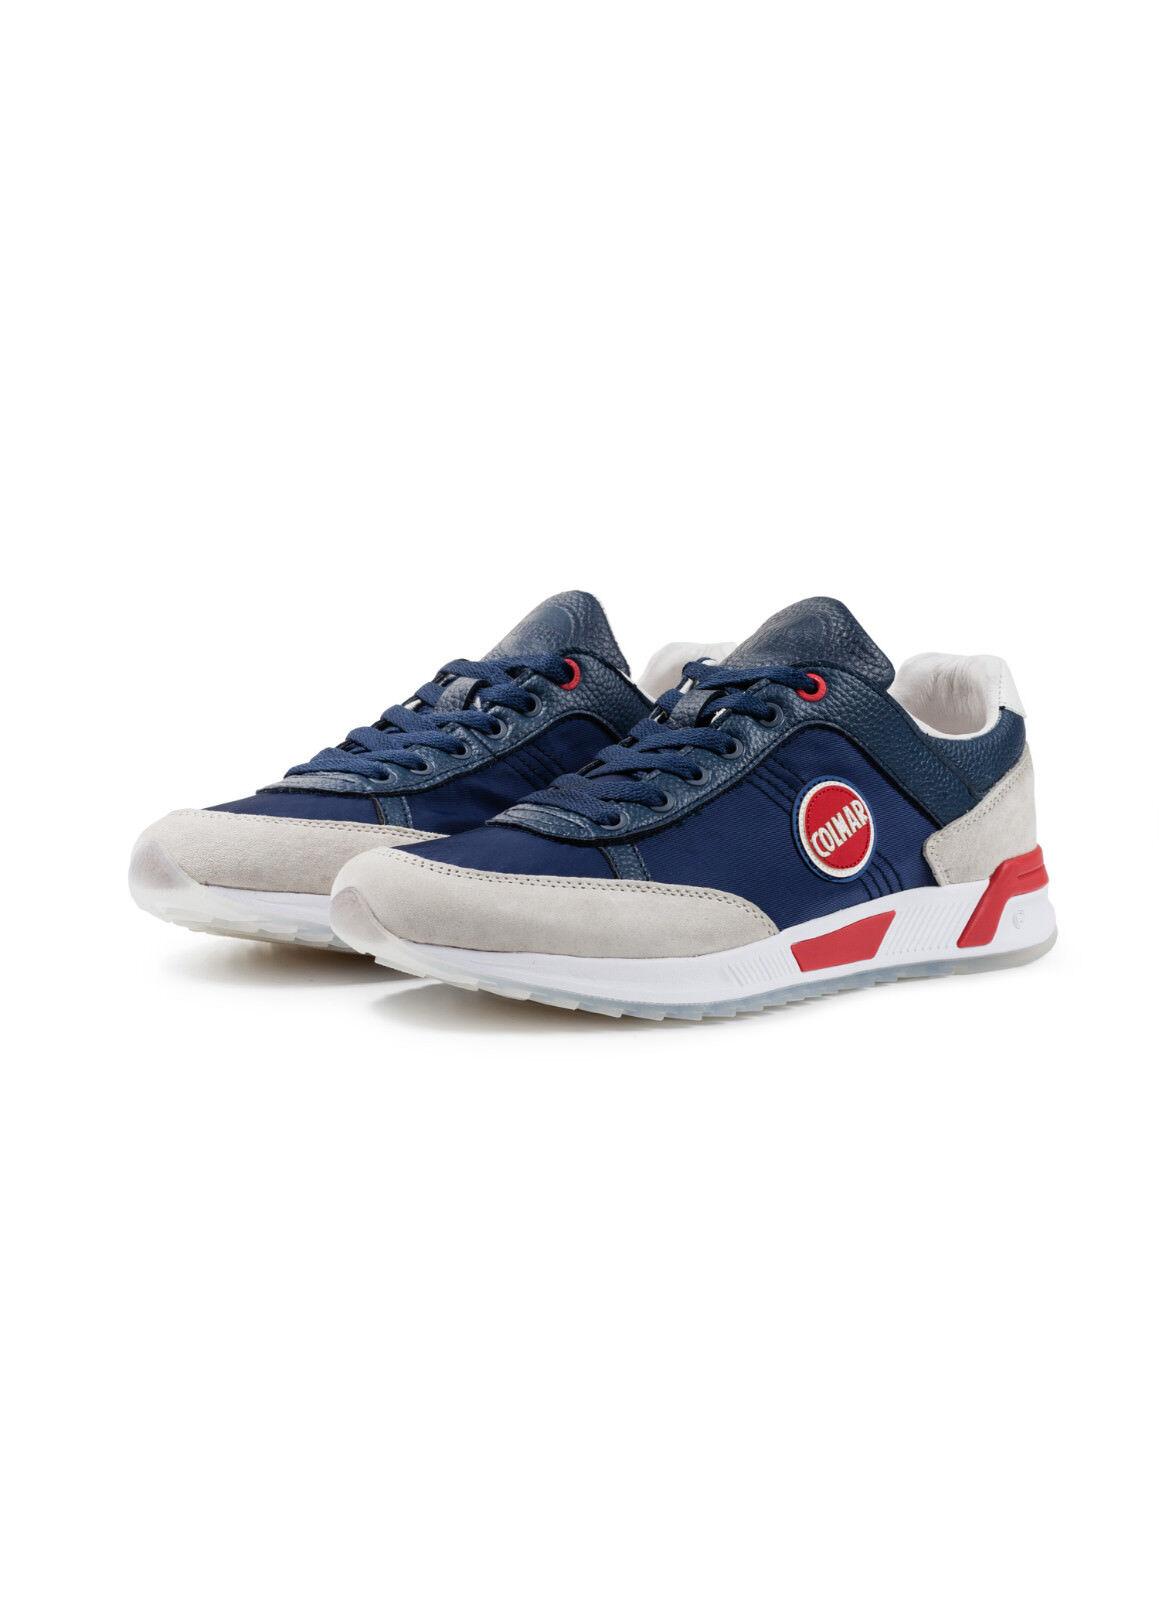 Zapatos hombre COLMAR Sneakers Travis 2018 Originals 2018 Travis Scamosciata 0b5f18